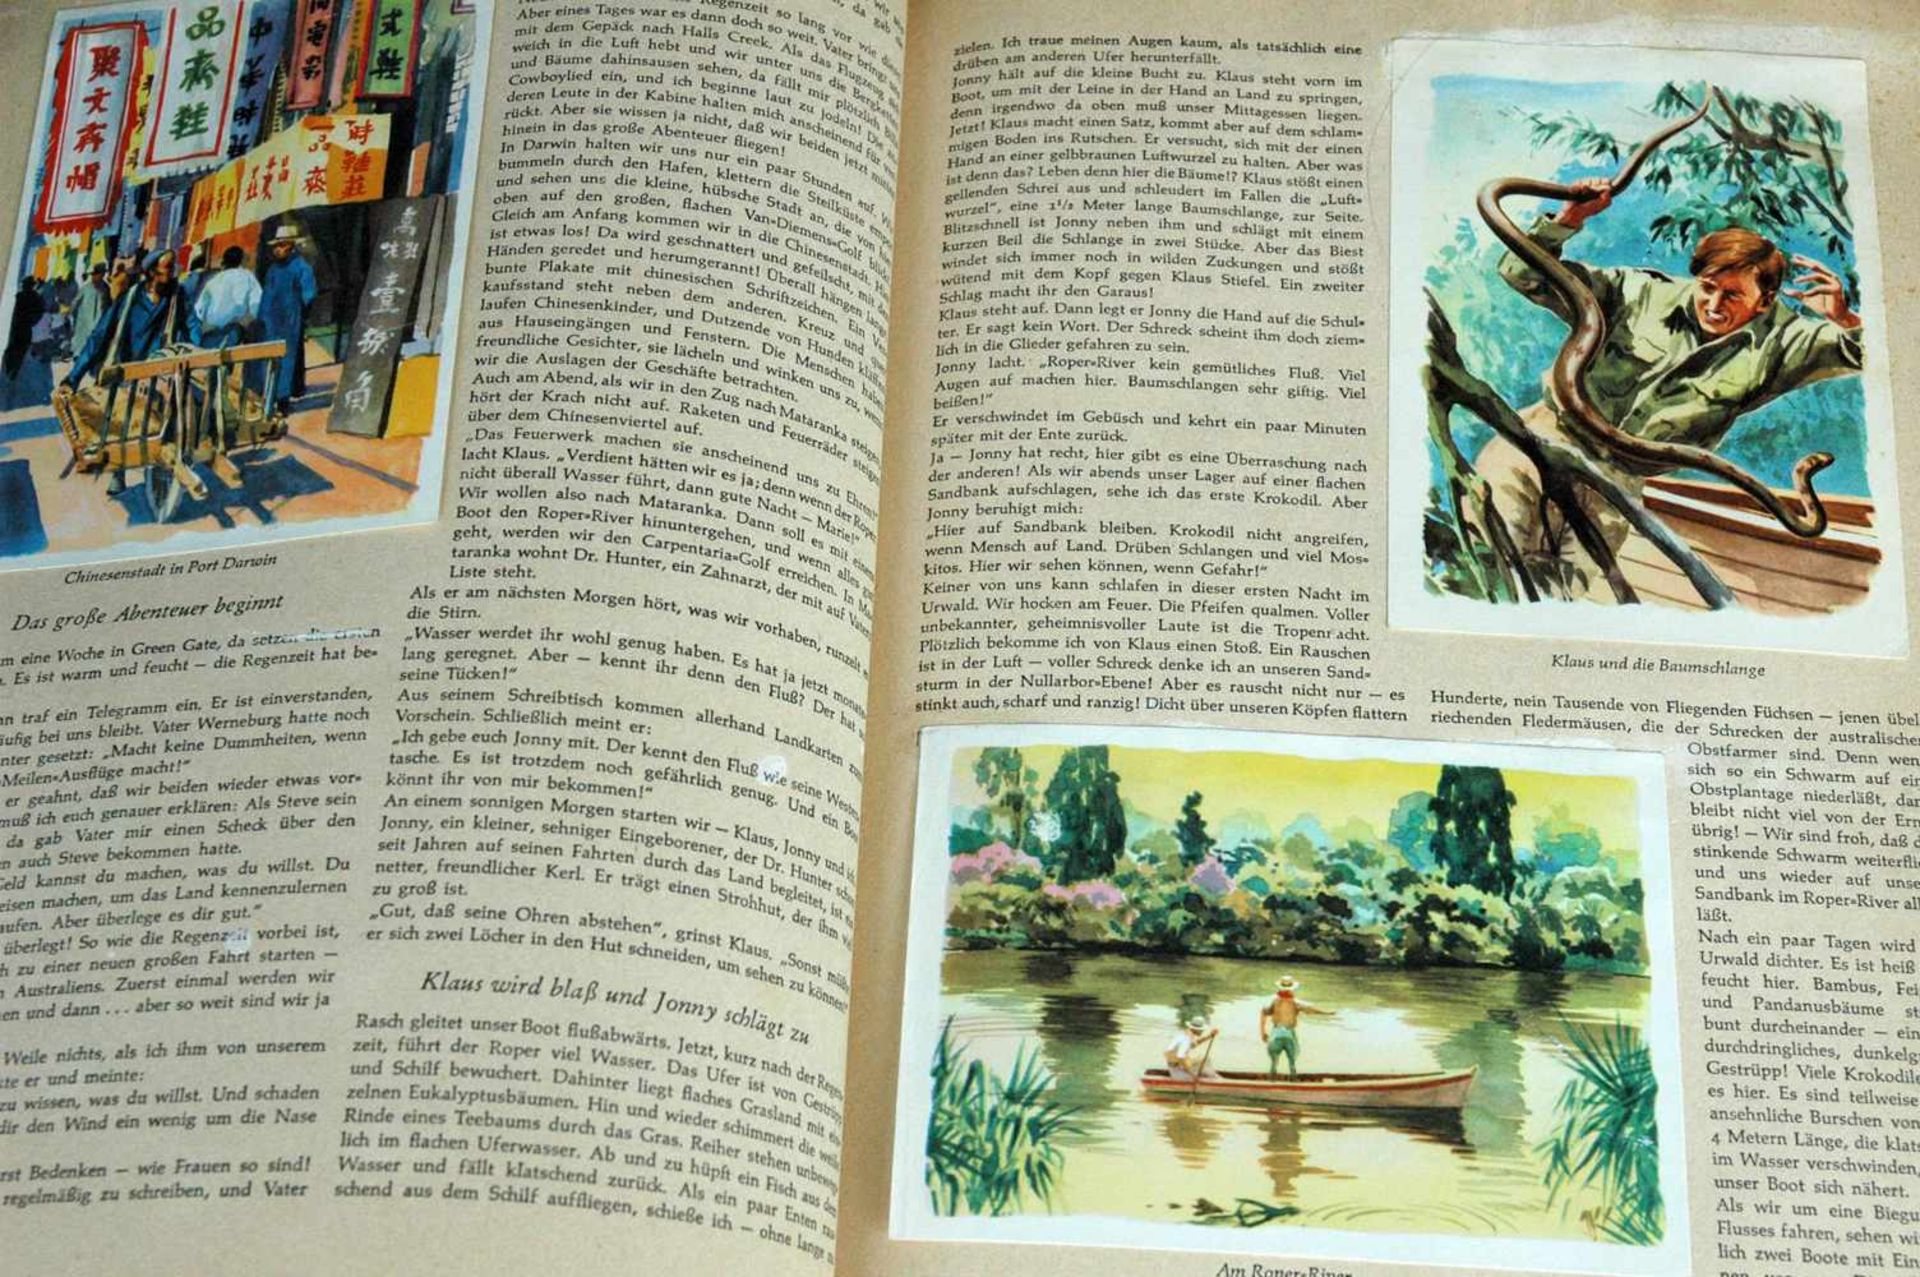 Sammelbilderalbum, Australien, Neuseeland, Jims Abenteuer im Land der trockenen Flüsse, Margarine - Bild 2 aus 2